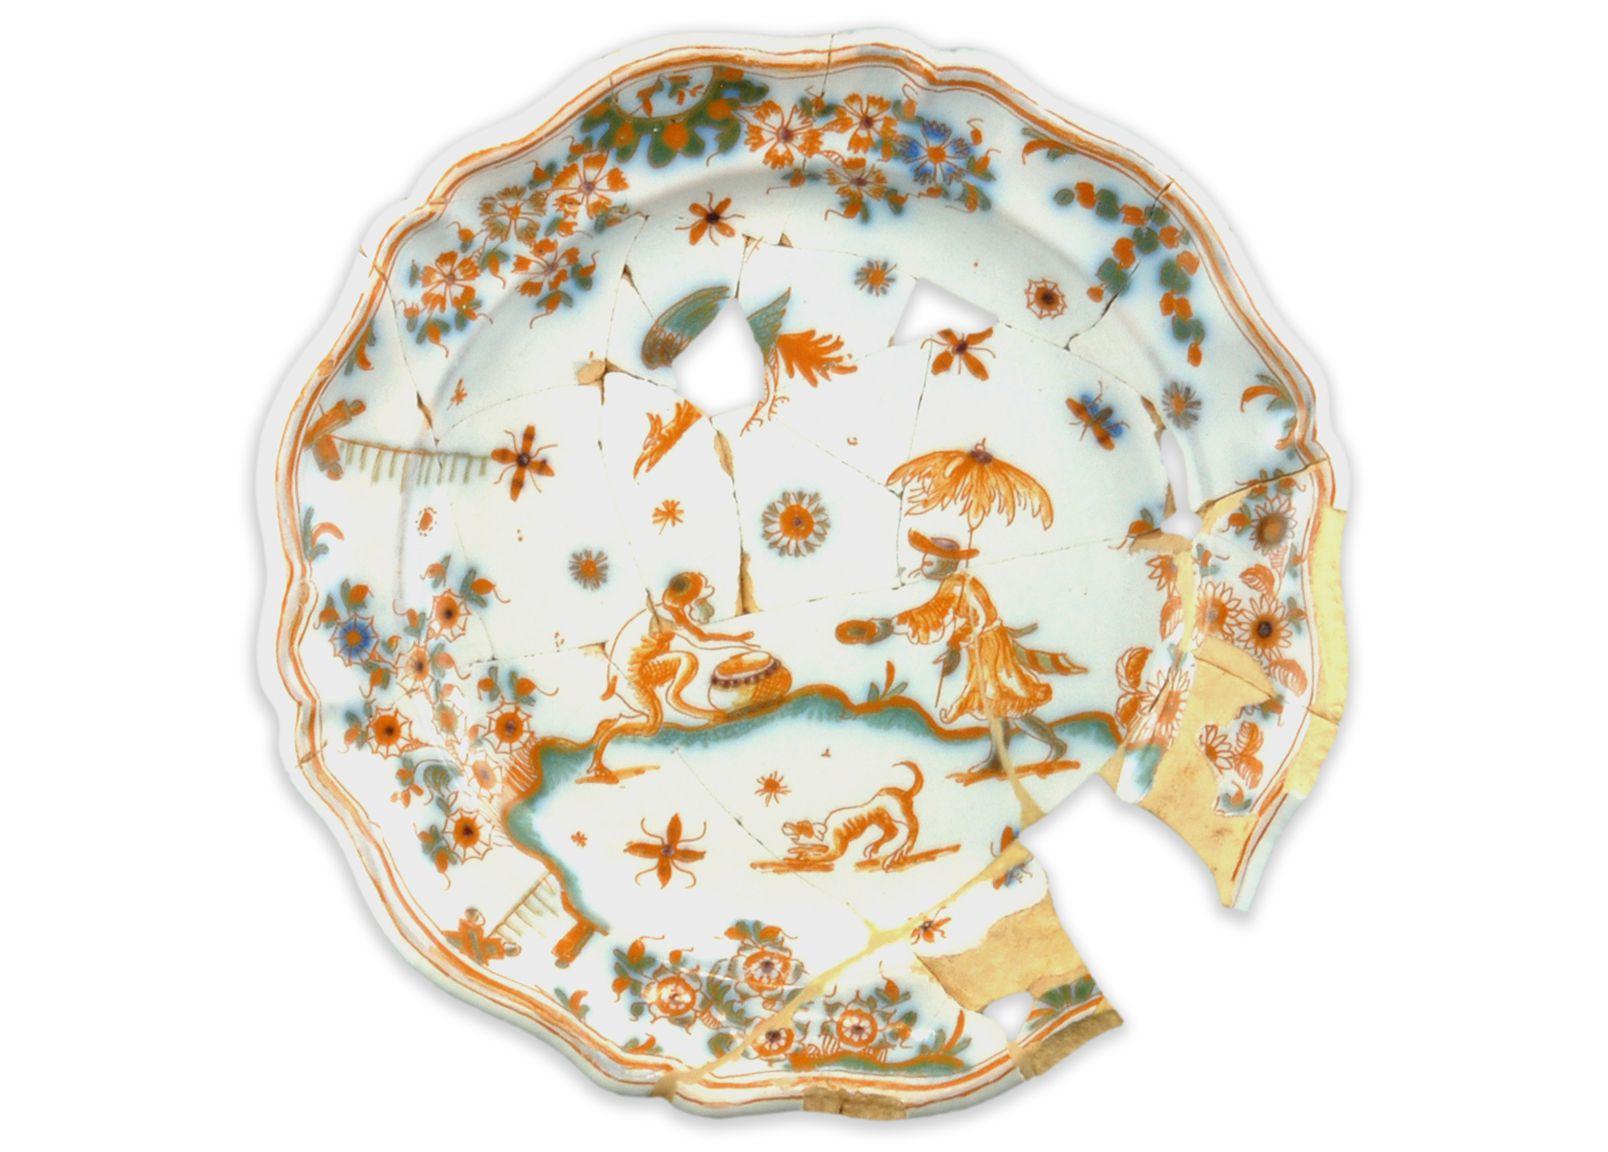 AssietteMCC/LRAQ, photo: Marie-Annick PrévostLatrines de la maison Guillaume-Estèbe. Vers 1753-1800Faïence blanche, Lyon, France. Décor d'inspiration chinoise dit « à la grotesque », peint en polychromie, dans le style de Moustiers. Il est composé d'un personnage, d'animaux fantastiques, de papillons et de fleurs.